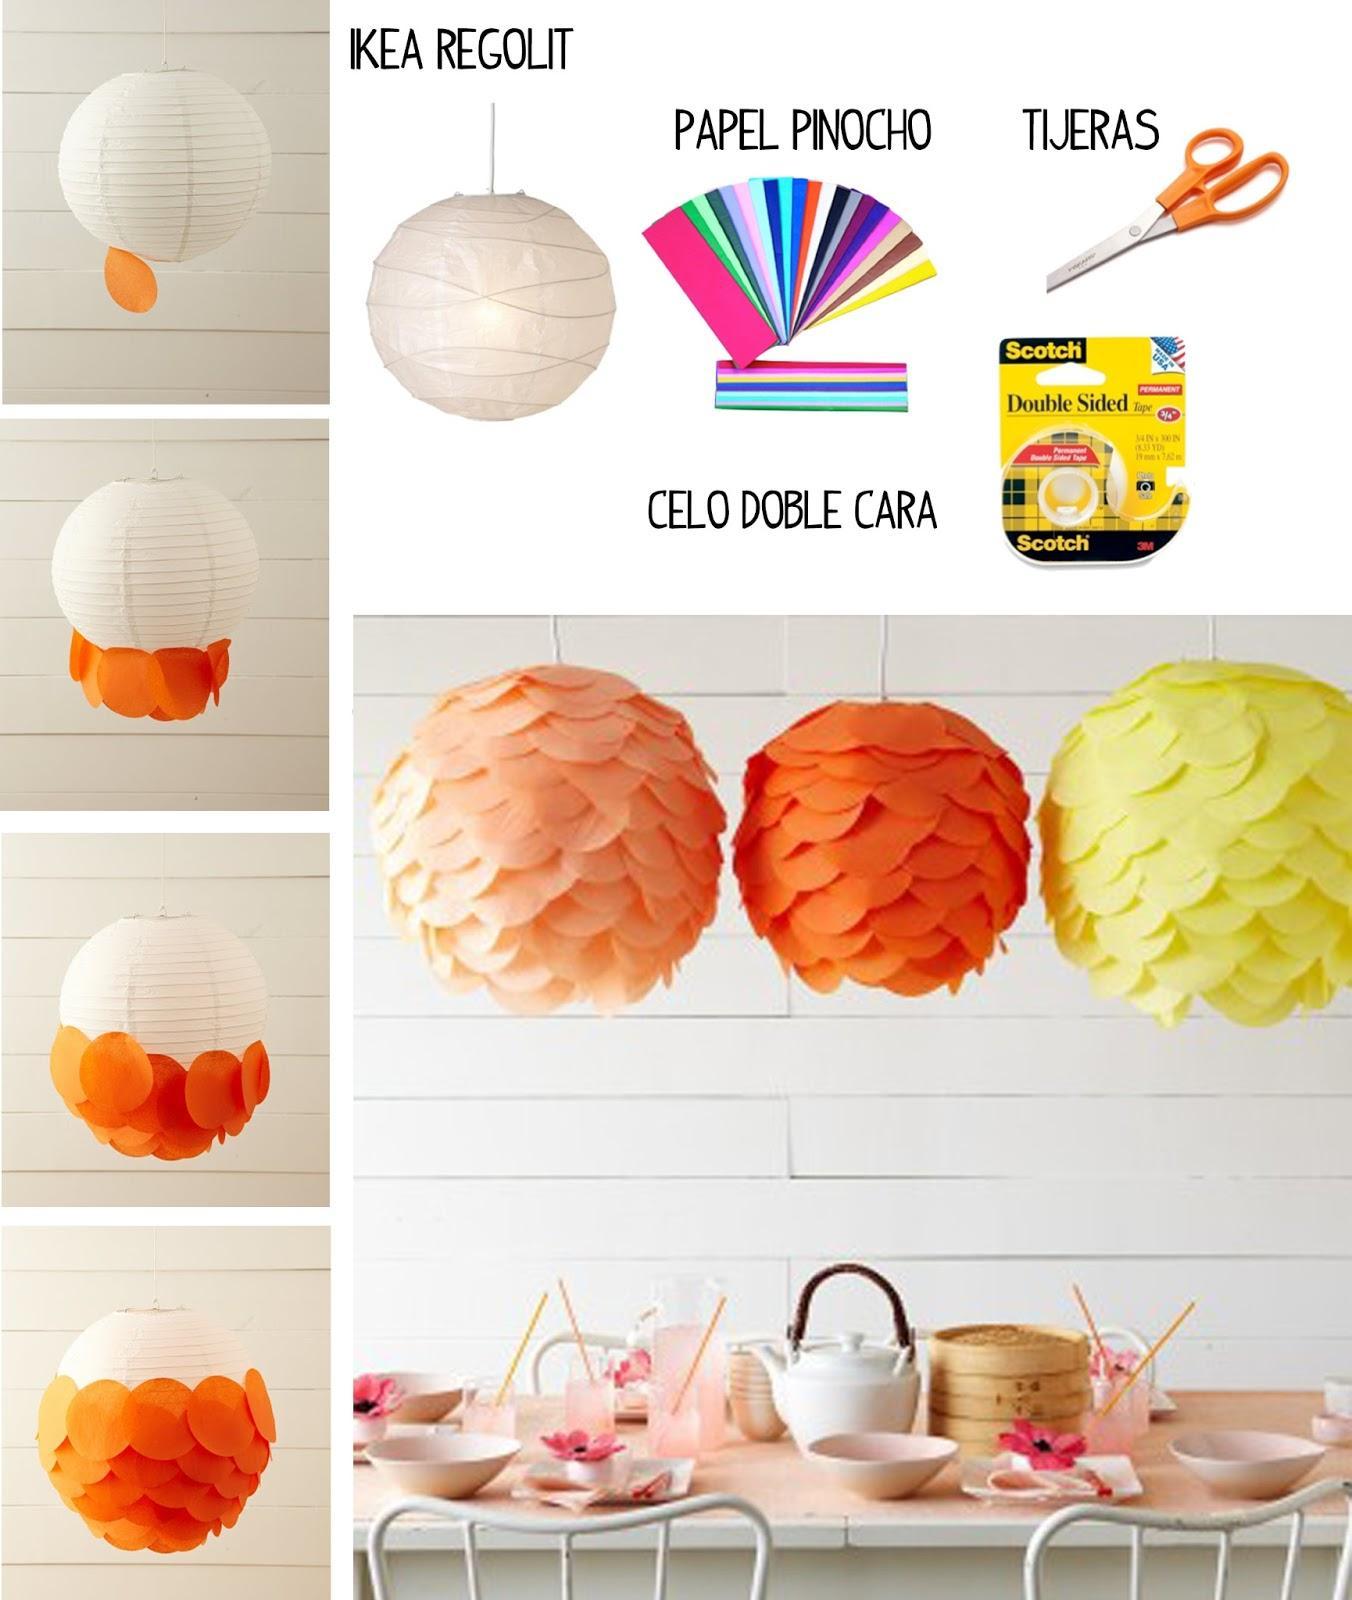 Diy l mparas con papel paperblog - Blog de manualidades y decoracion ...